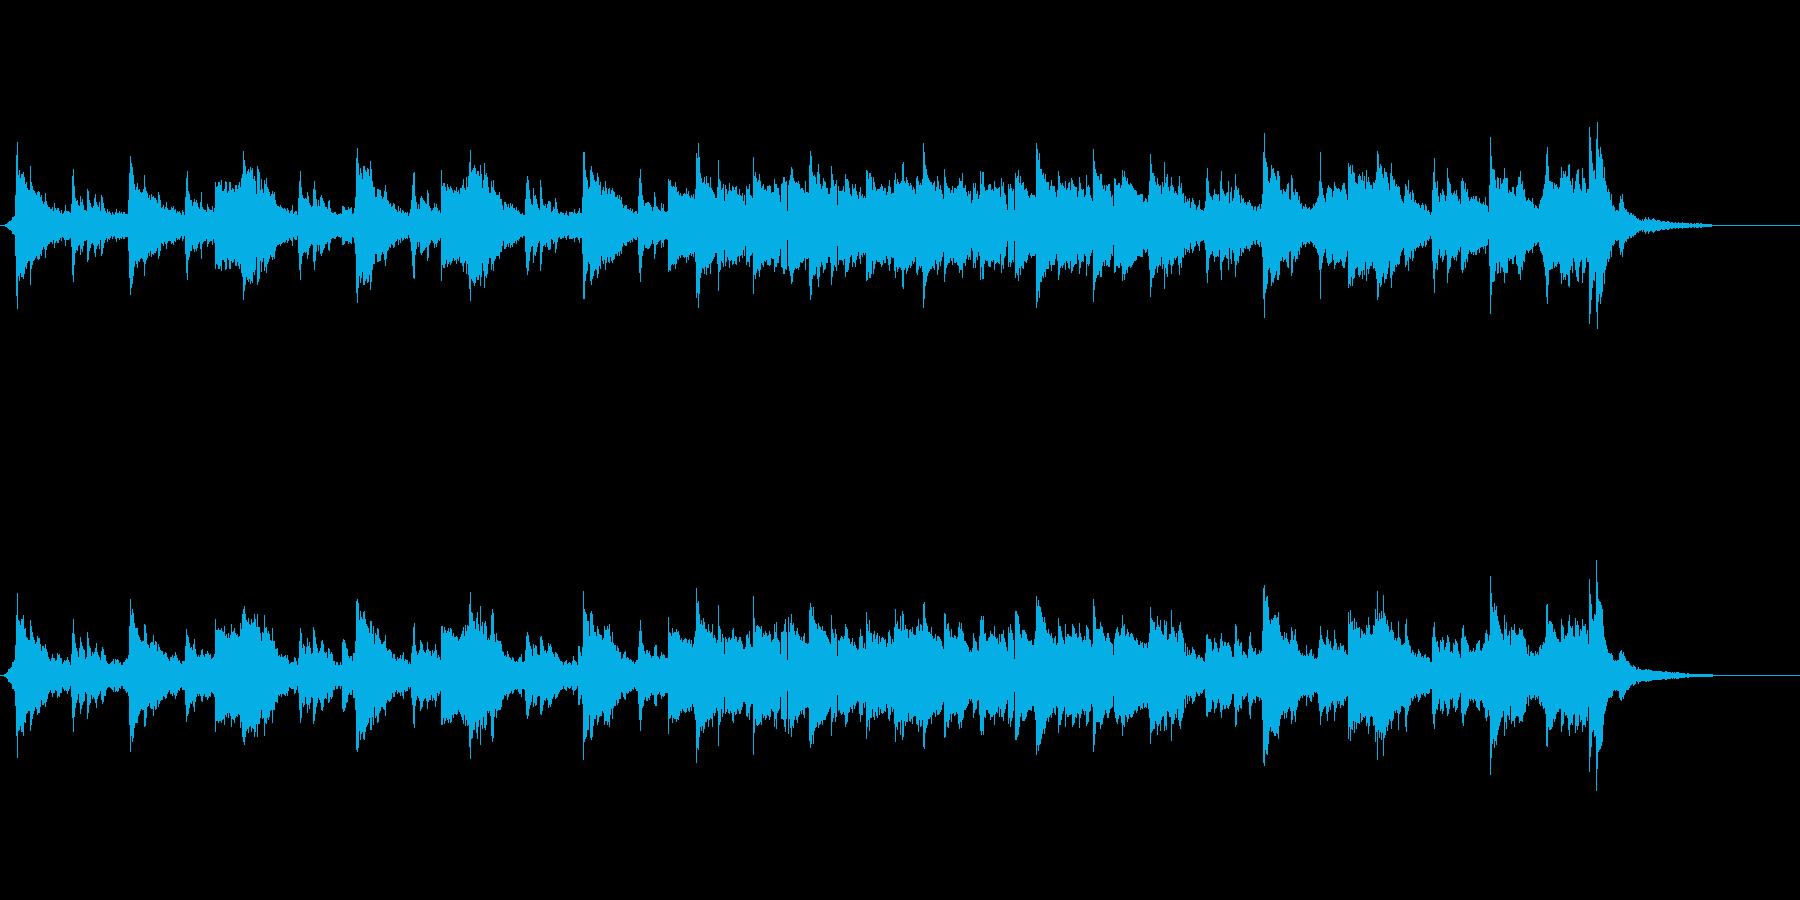 透き通るような旋律の環境音楽風の再生済みの波形